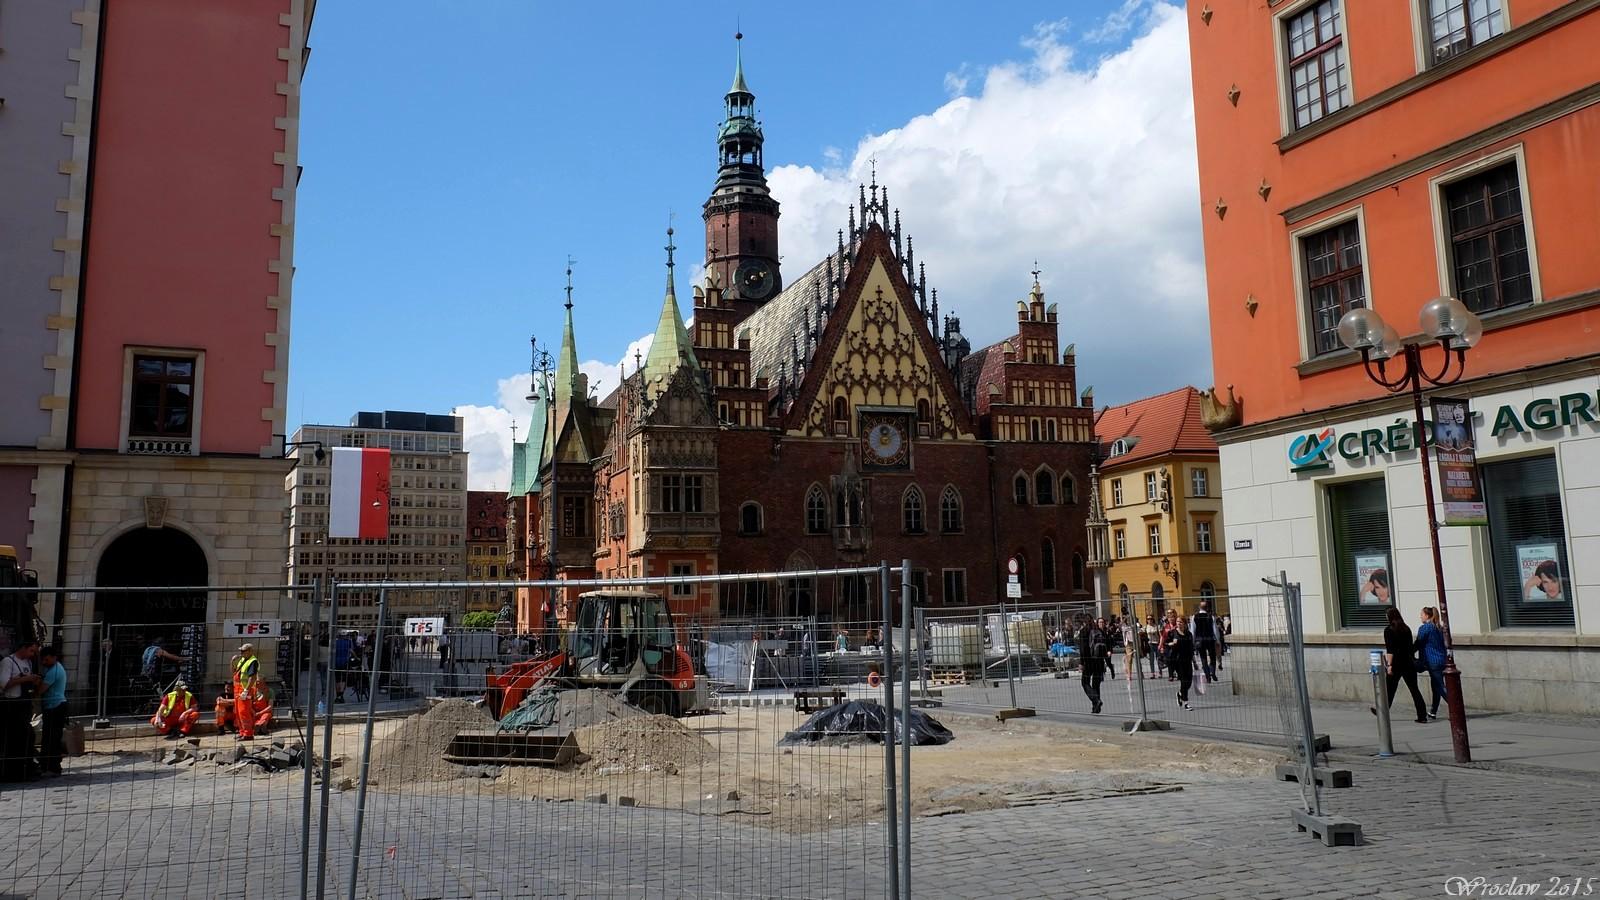 ulica Olawska, Wroclaw, Poland